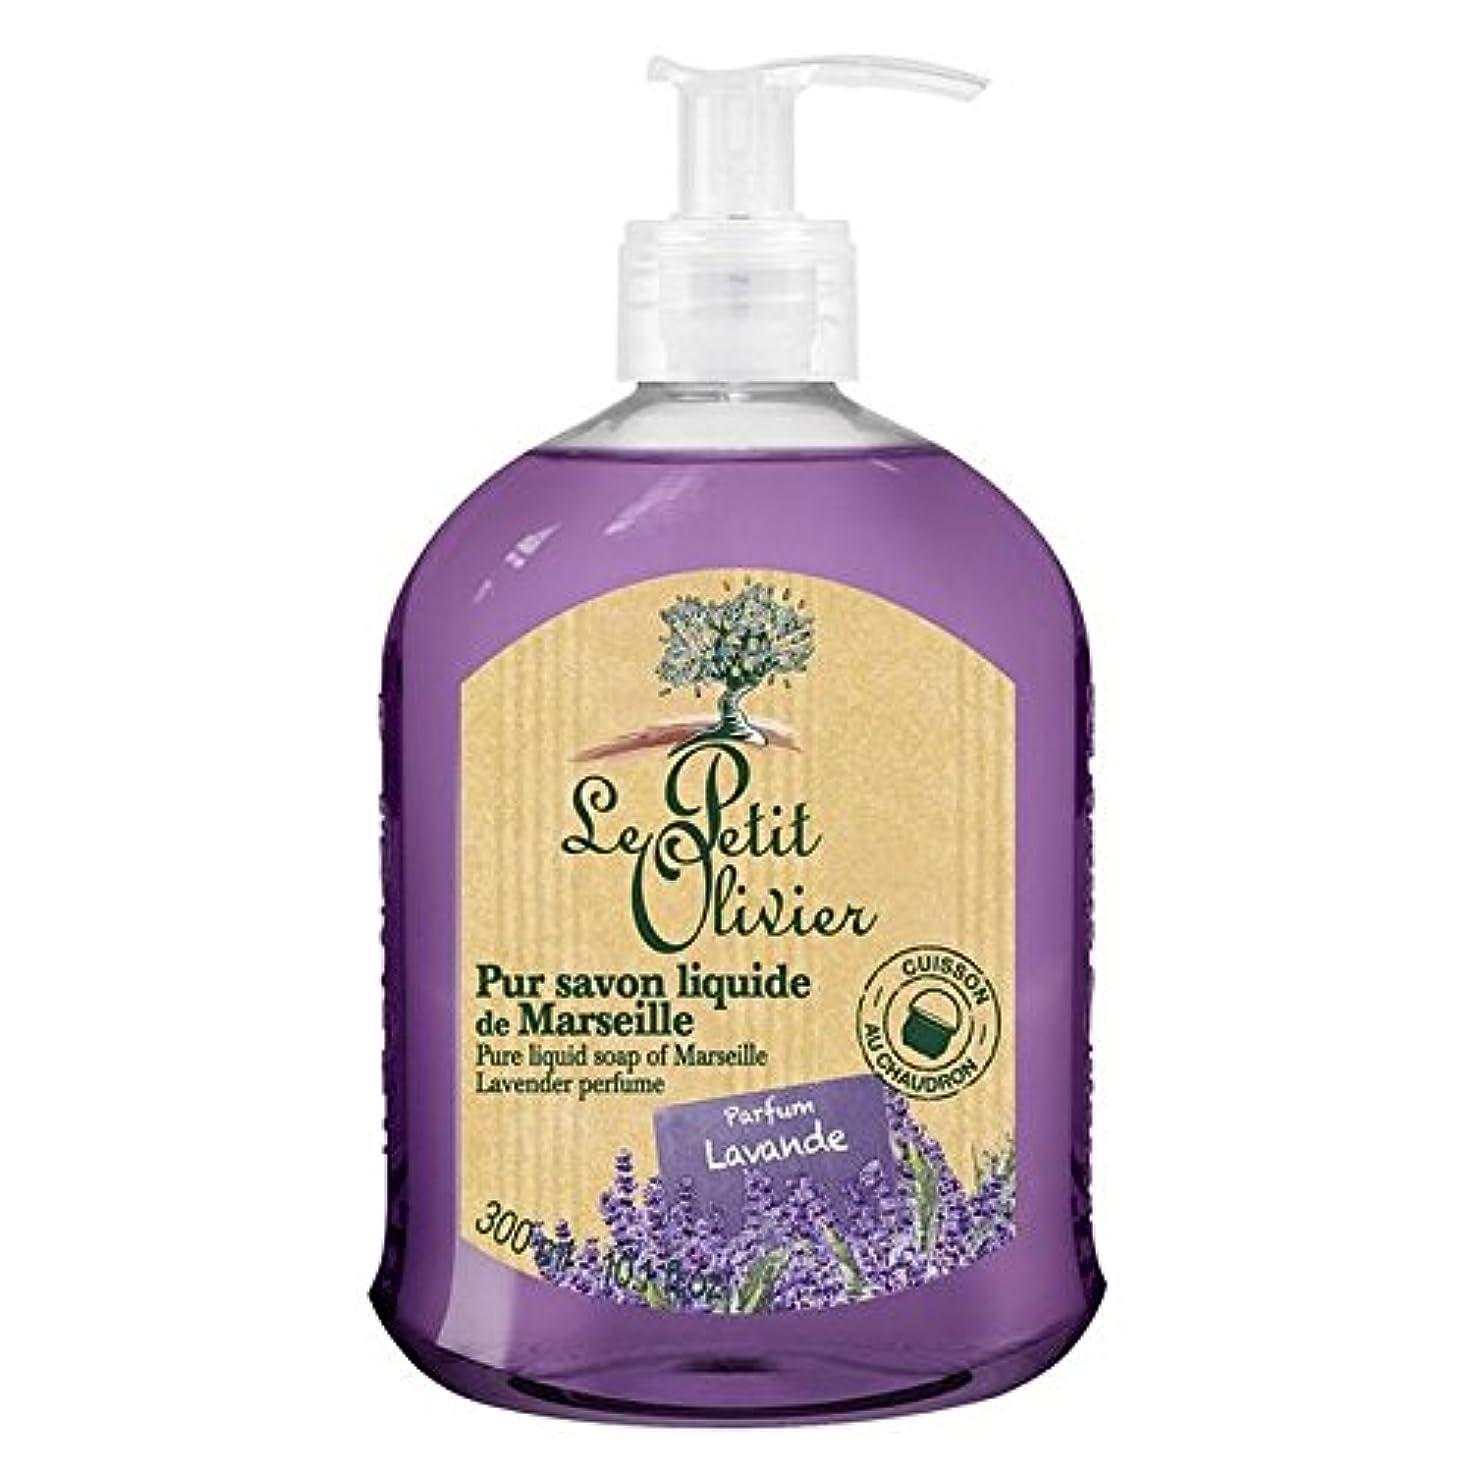 アライアンス指定天窓マルセイユのル?プティ?オリヴィエ純粋な液体石鹸、ラベンダー300ミリリットル x2 - Le Petit Olivier Pure Liquid Soap of Marseille, Lavender 300ml (Pack...